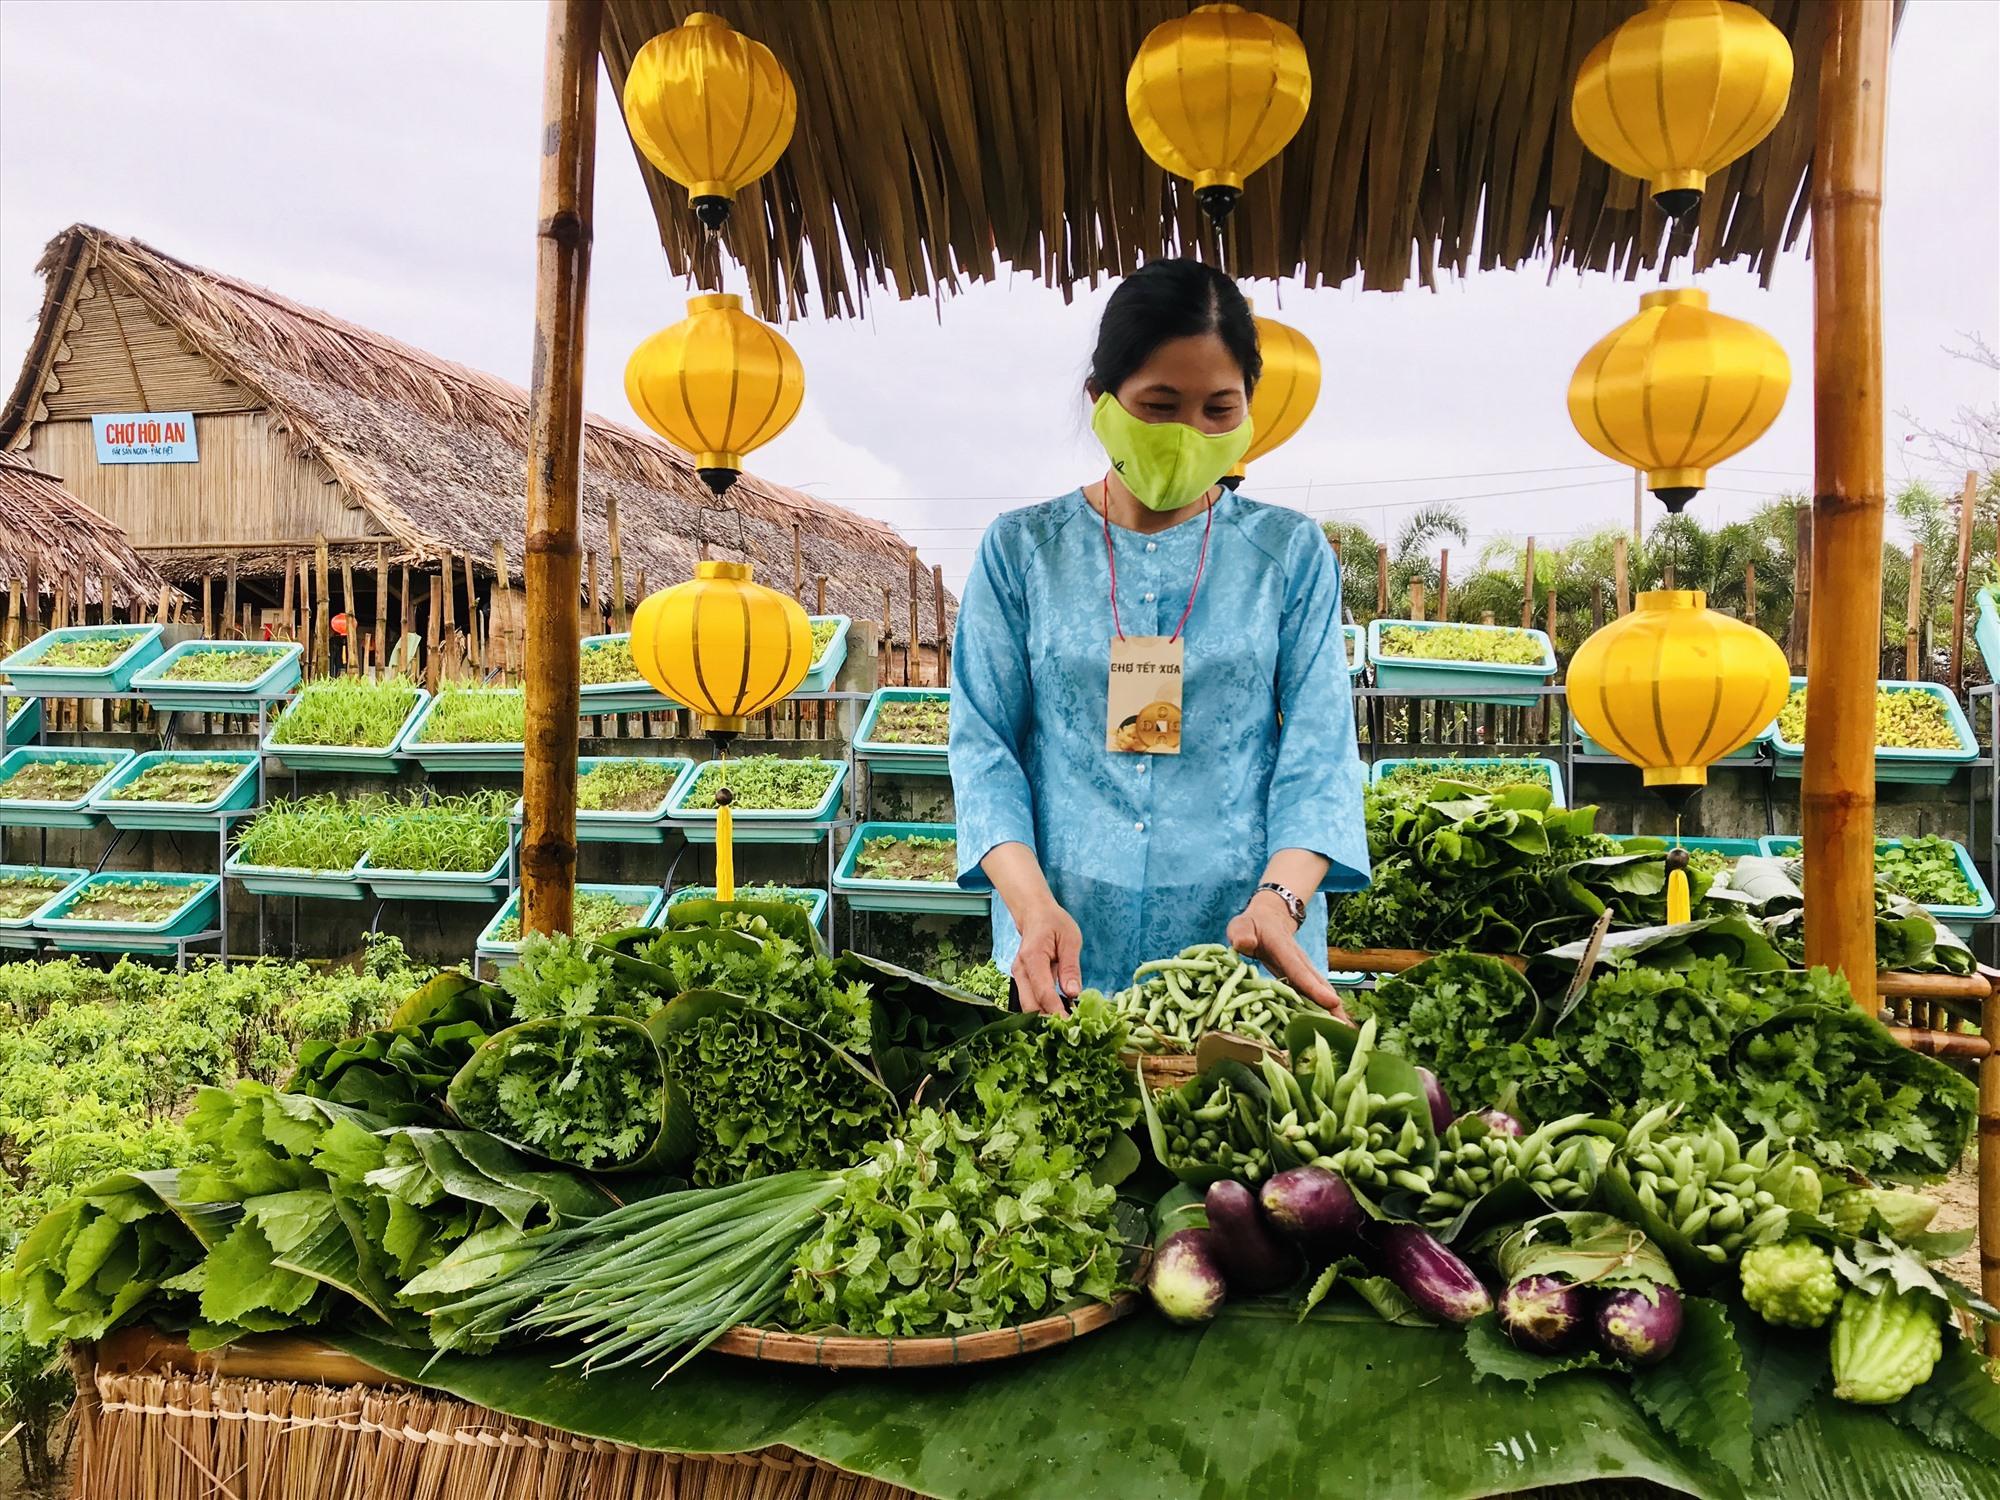 Để khai thác văn hóa ẩm thực địa phương một cách hiệu quả thì phải có nền tảng nông nghiệp, nông sản sạch, đa dạng, bền vững. Ảnh: H.S